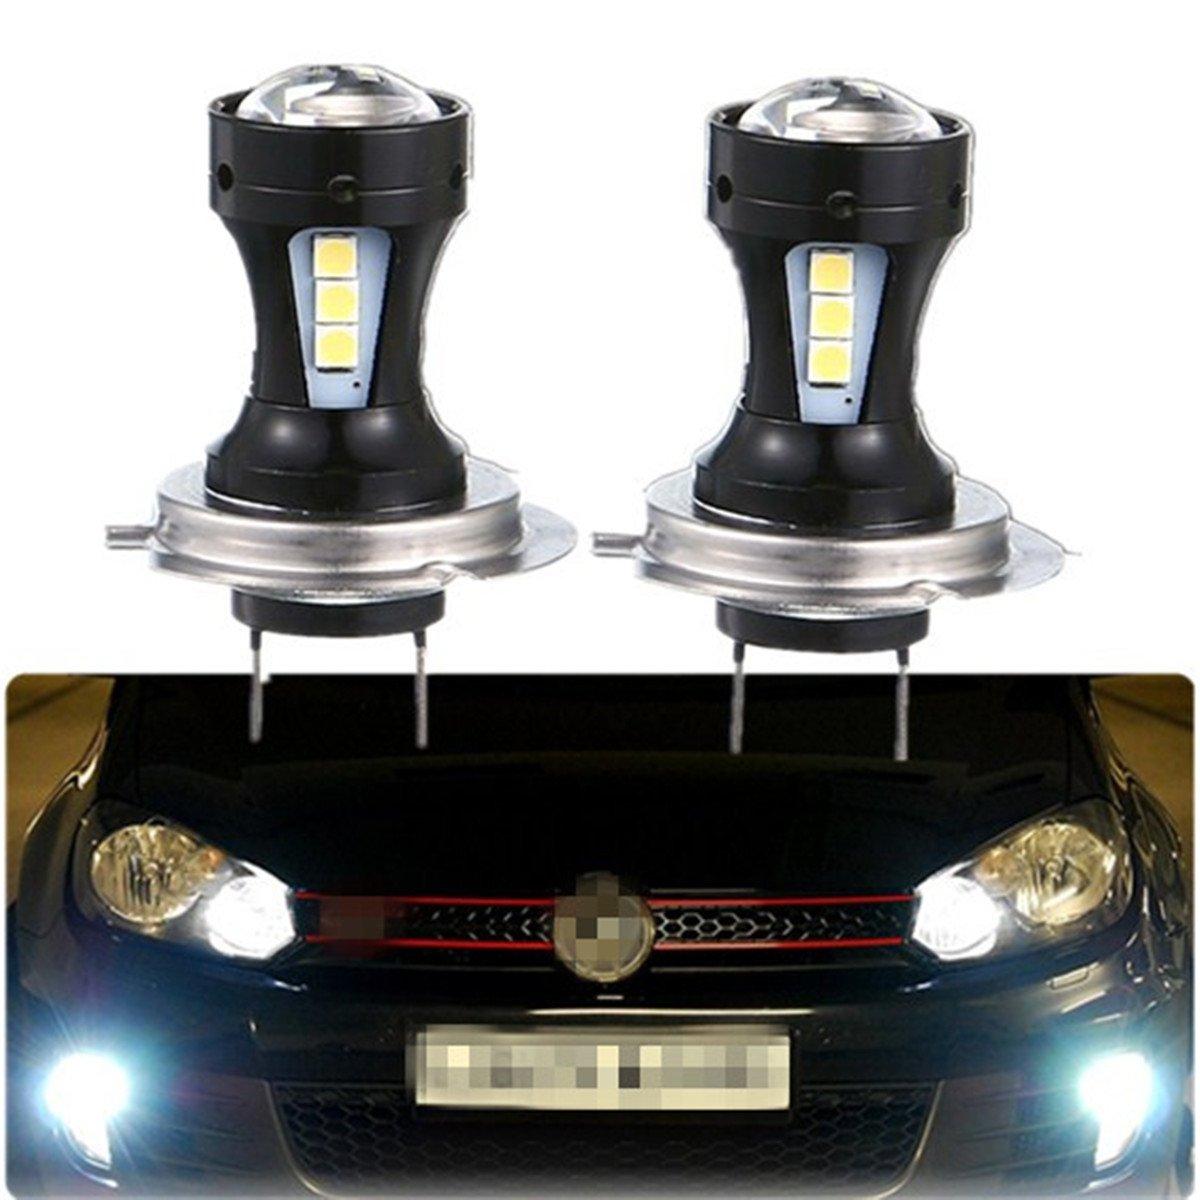 FEZZ 1000LM Auto LED Ampoules pour Feux Anti-brouillard Feu de Jour avec Porjecteur, H7 9V-30V DC, 18W Blanc, Paquet de 2